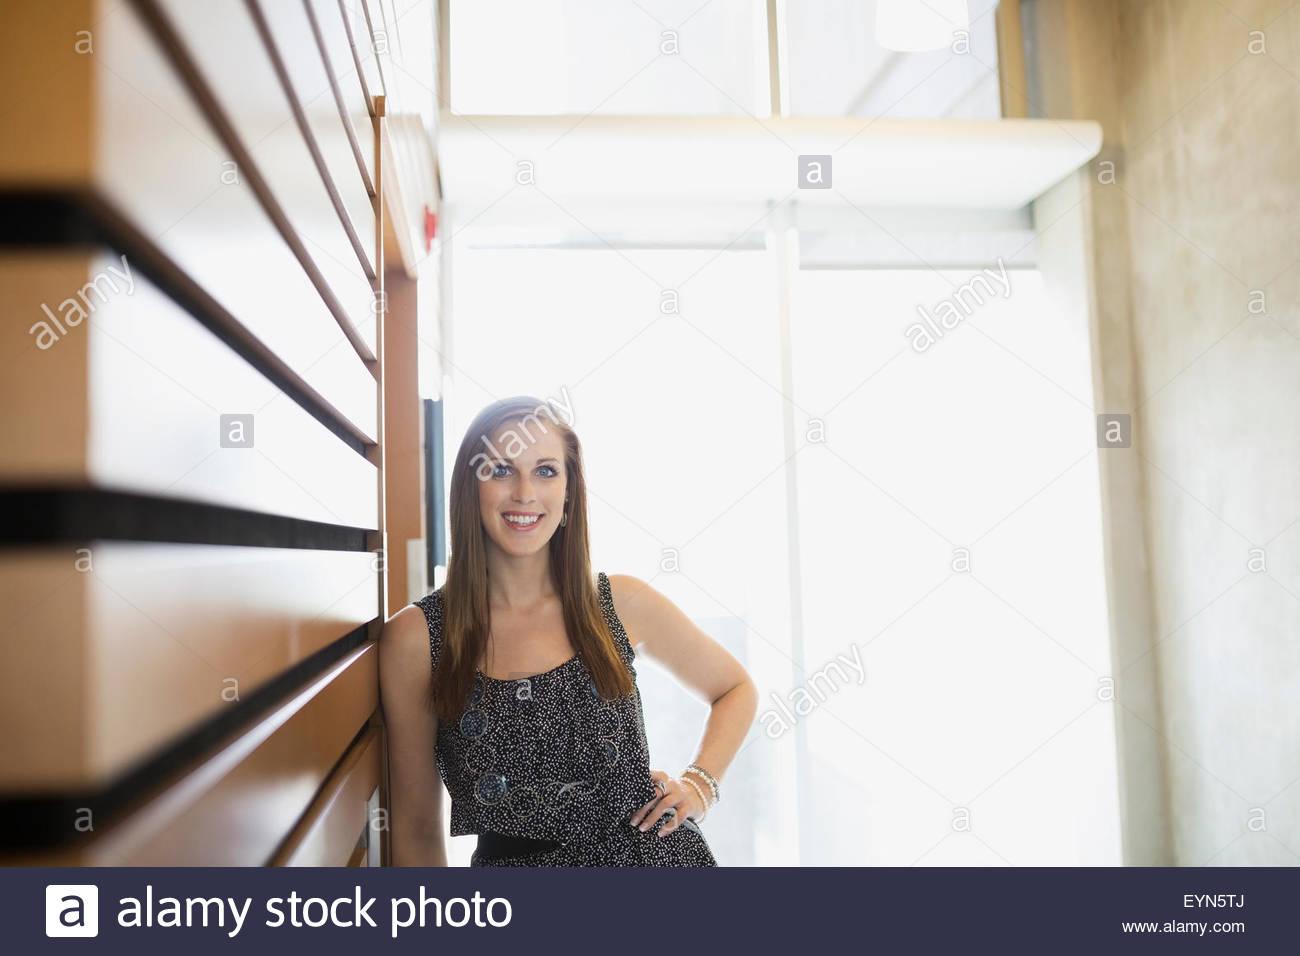 Ritratto di donna fiducioso appoggiata sulla parete Immagini Stock